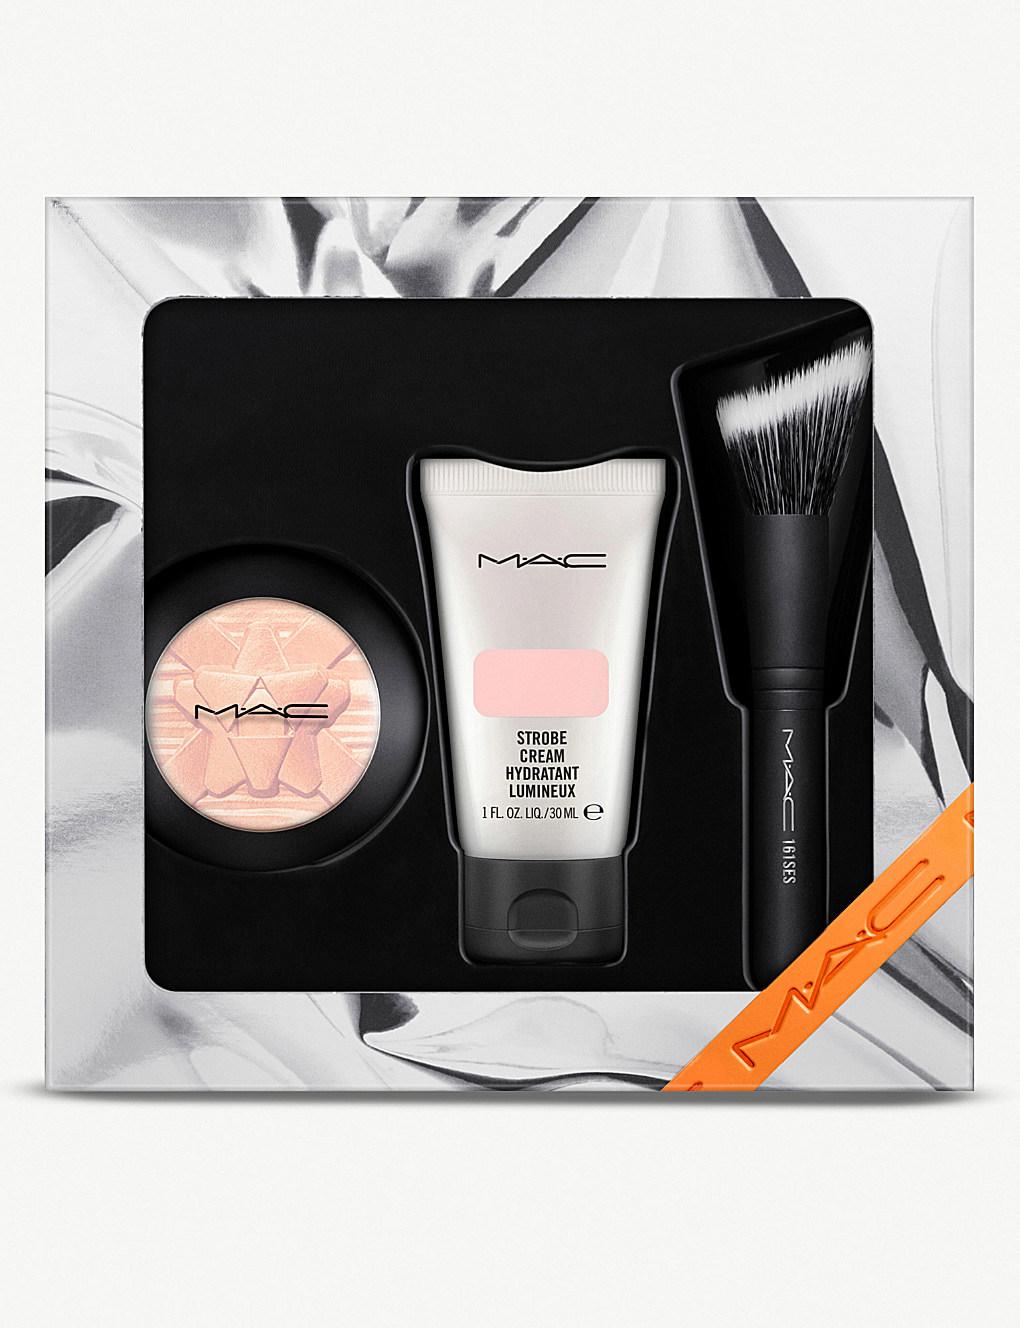 8折買到色號超齊全的MAC口紅化妝品,推薦這個歐美網購網站